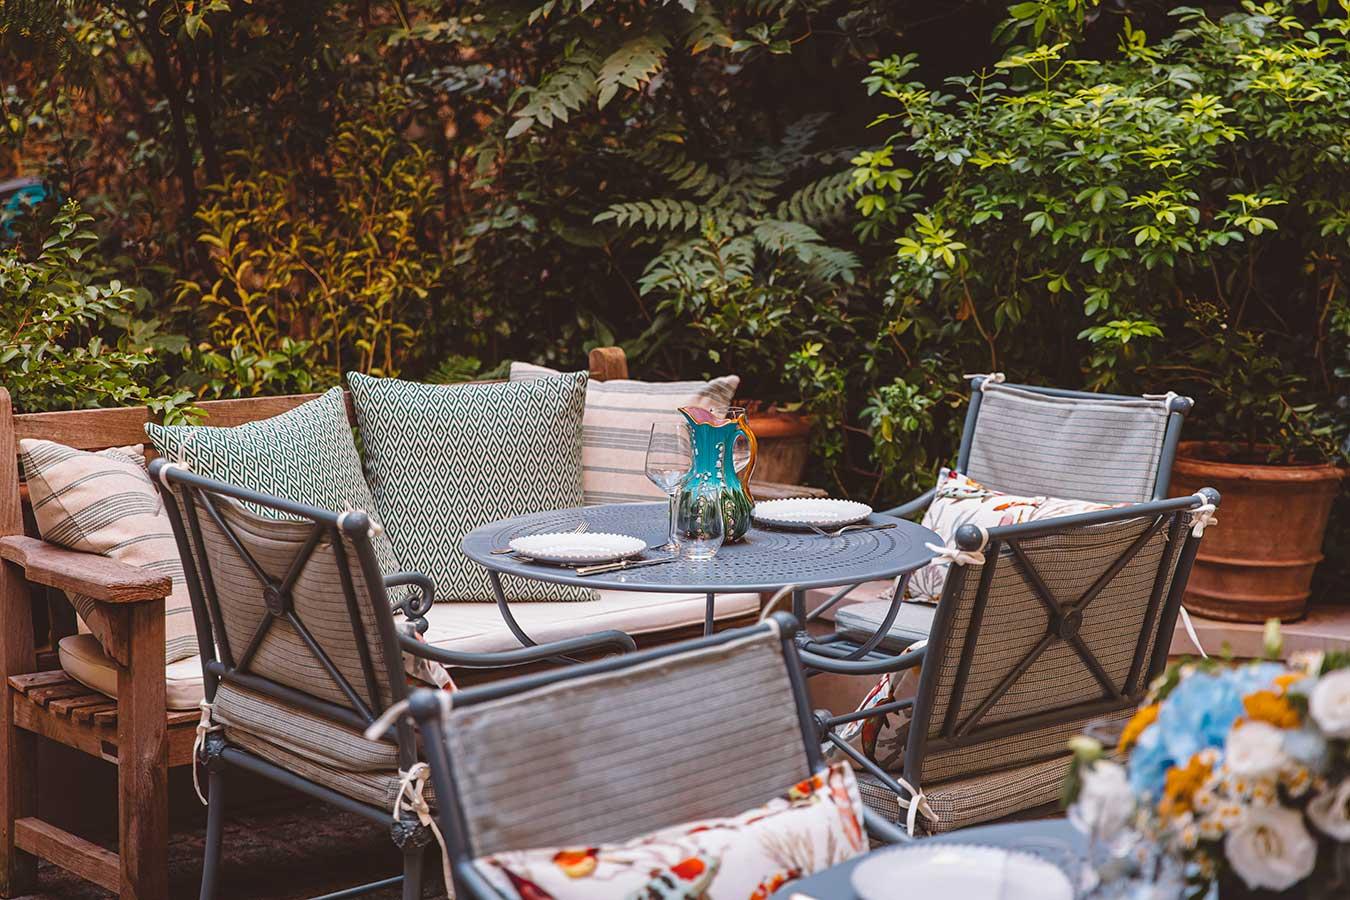 Jardin - Table de jardin dressée, chaises et banquettes avec coussins vert et beige